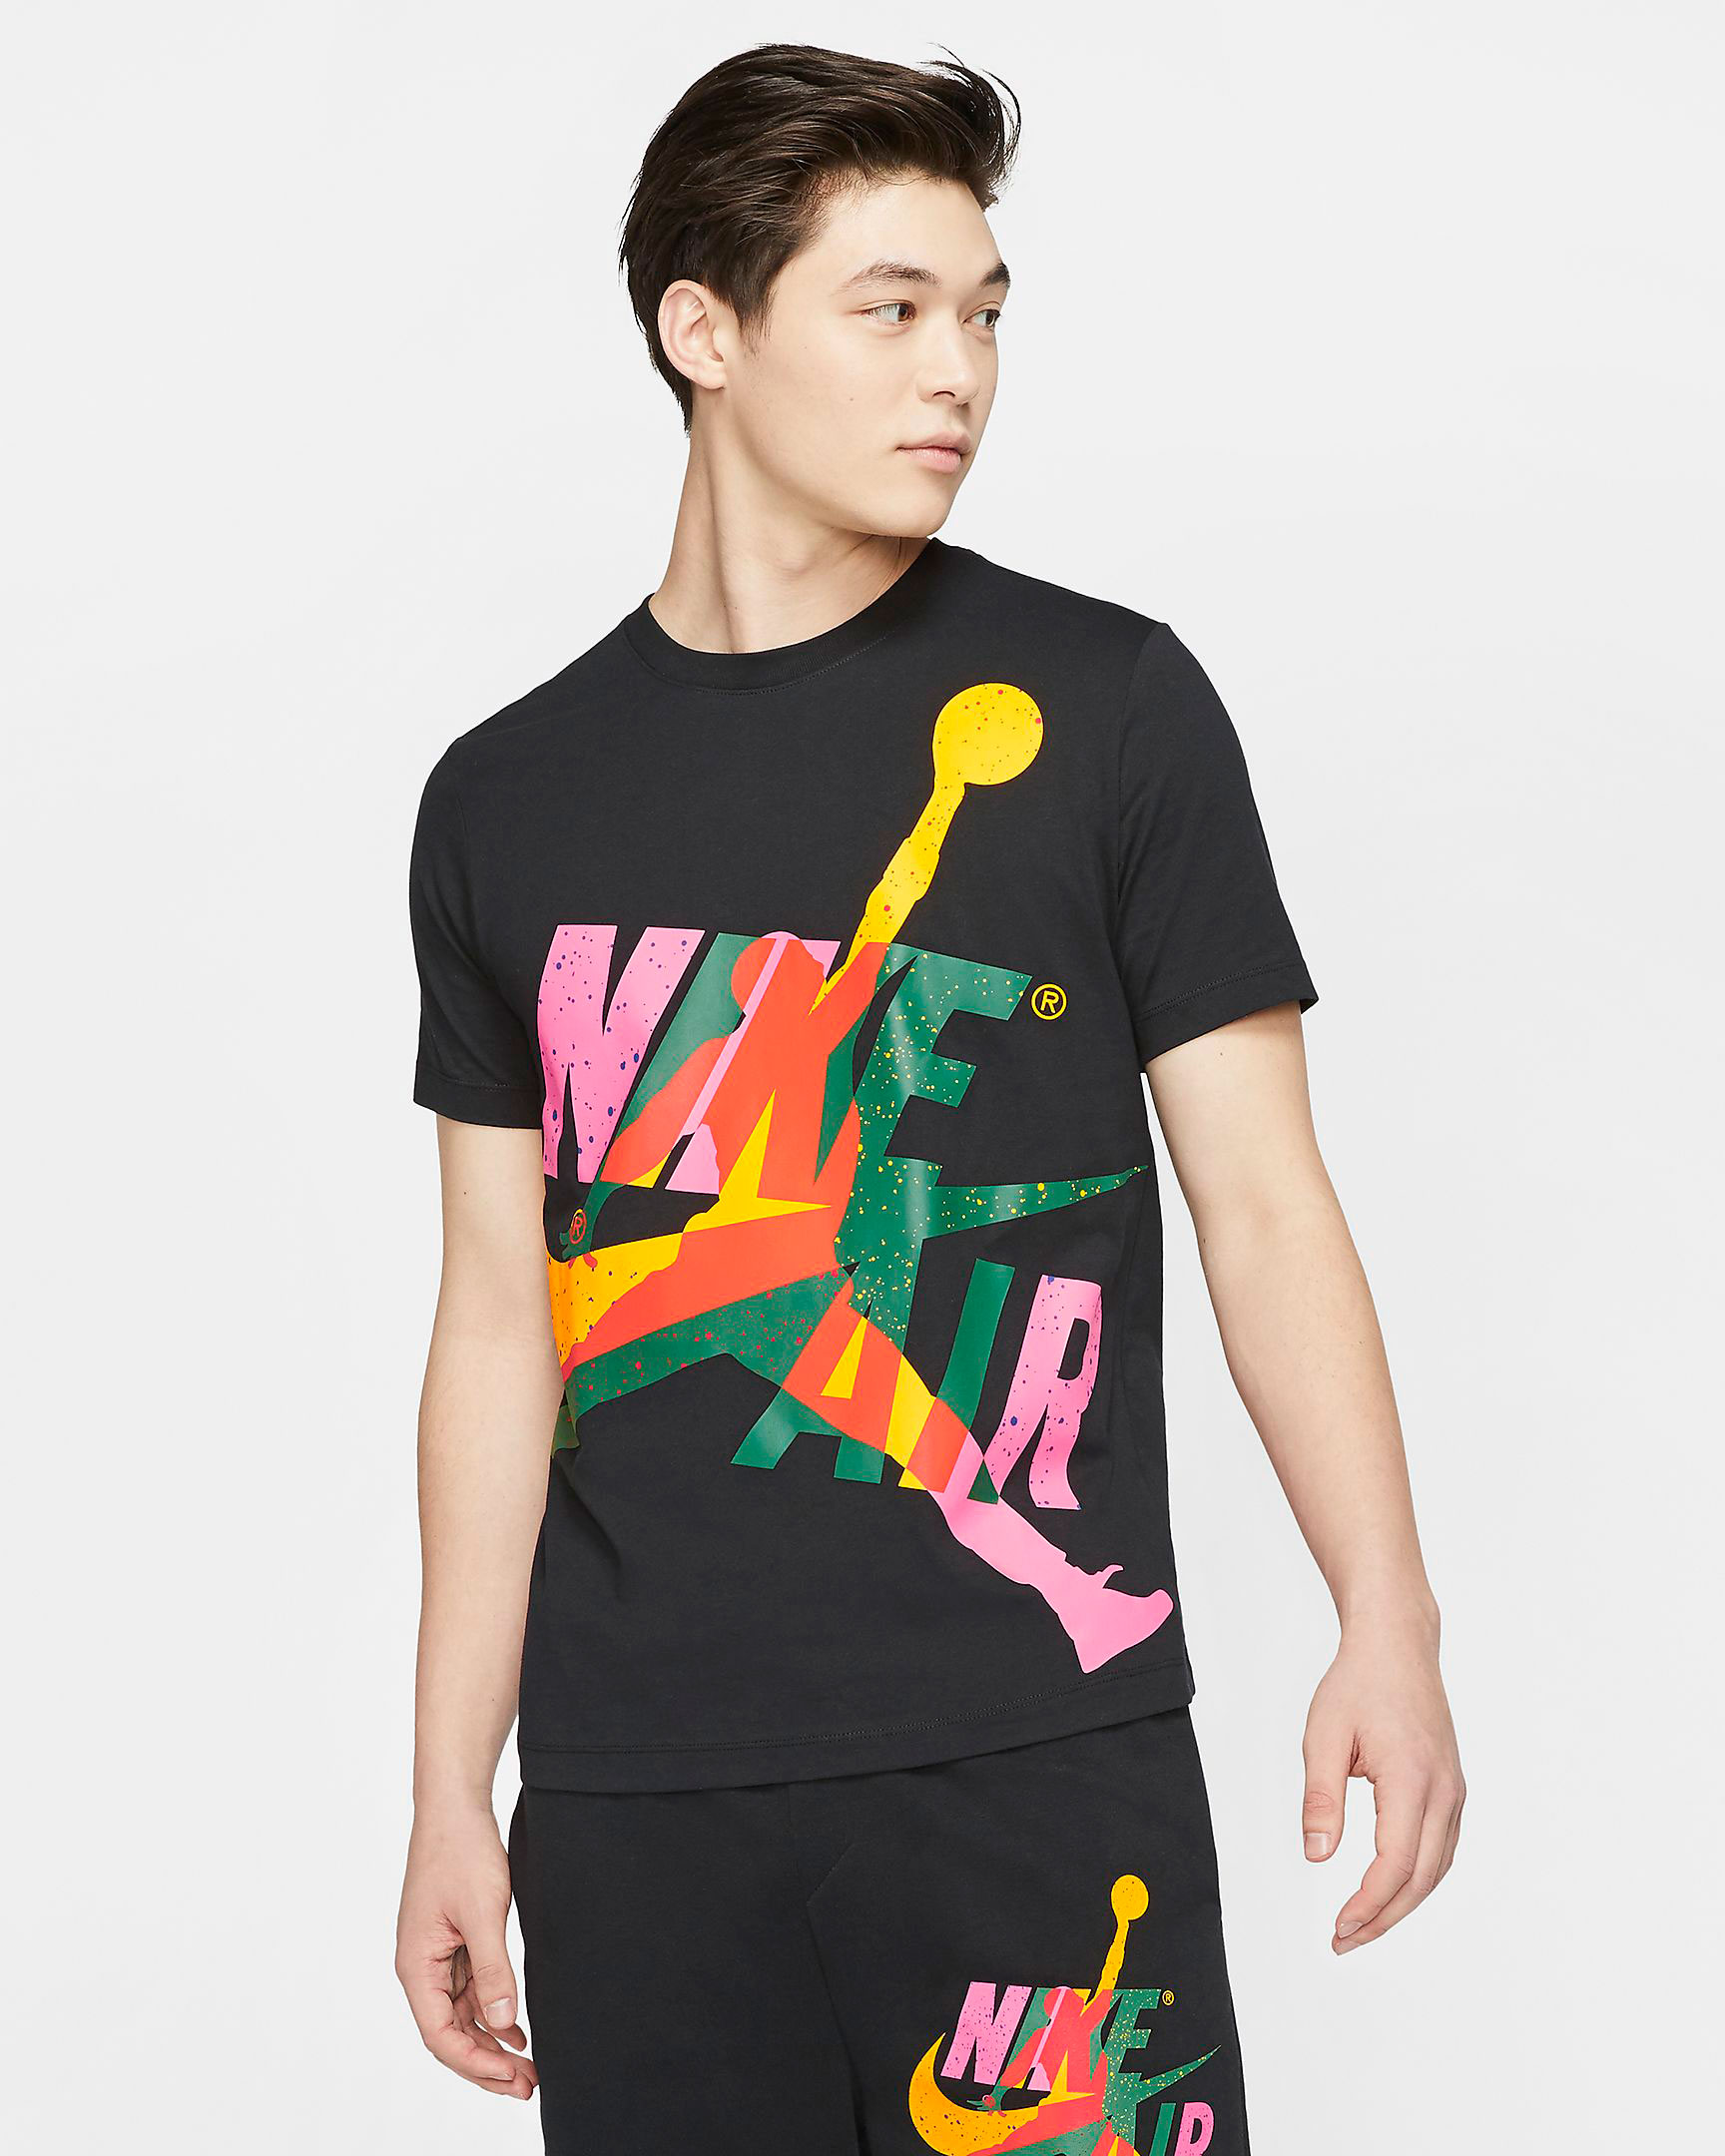 jordan-jumpman-classics-tee-shirt-black-multi-color